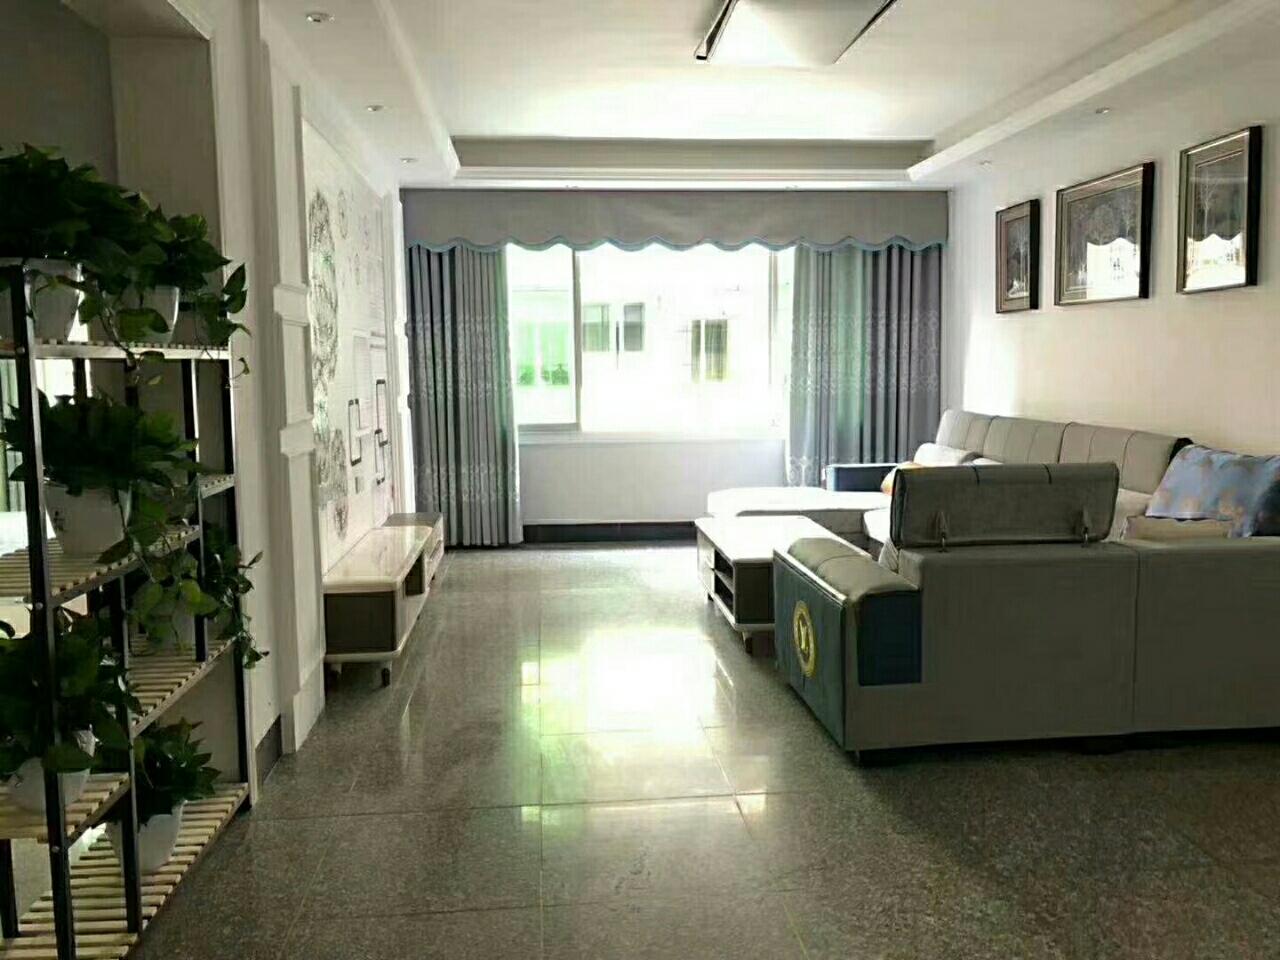 义园街3室 2厅 2卫52.8万元